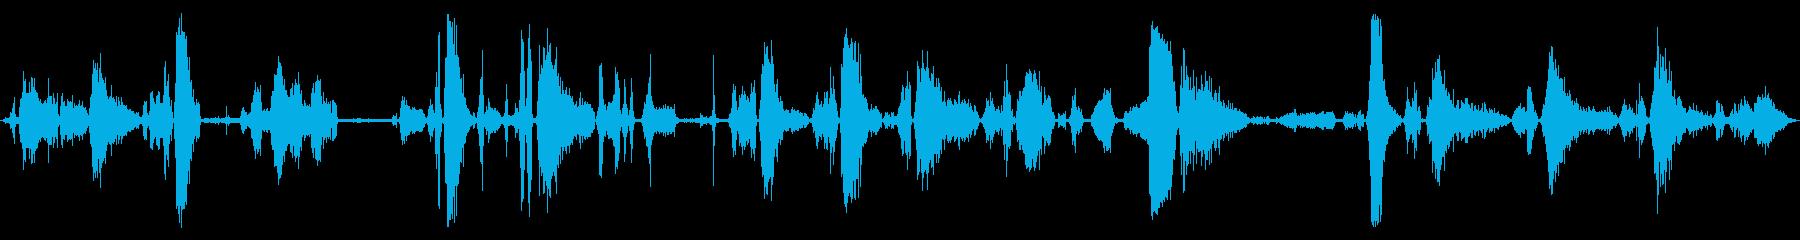 いくつかの鳴き声とうなり声、猫ワイ...の再生済みの波形